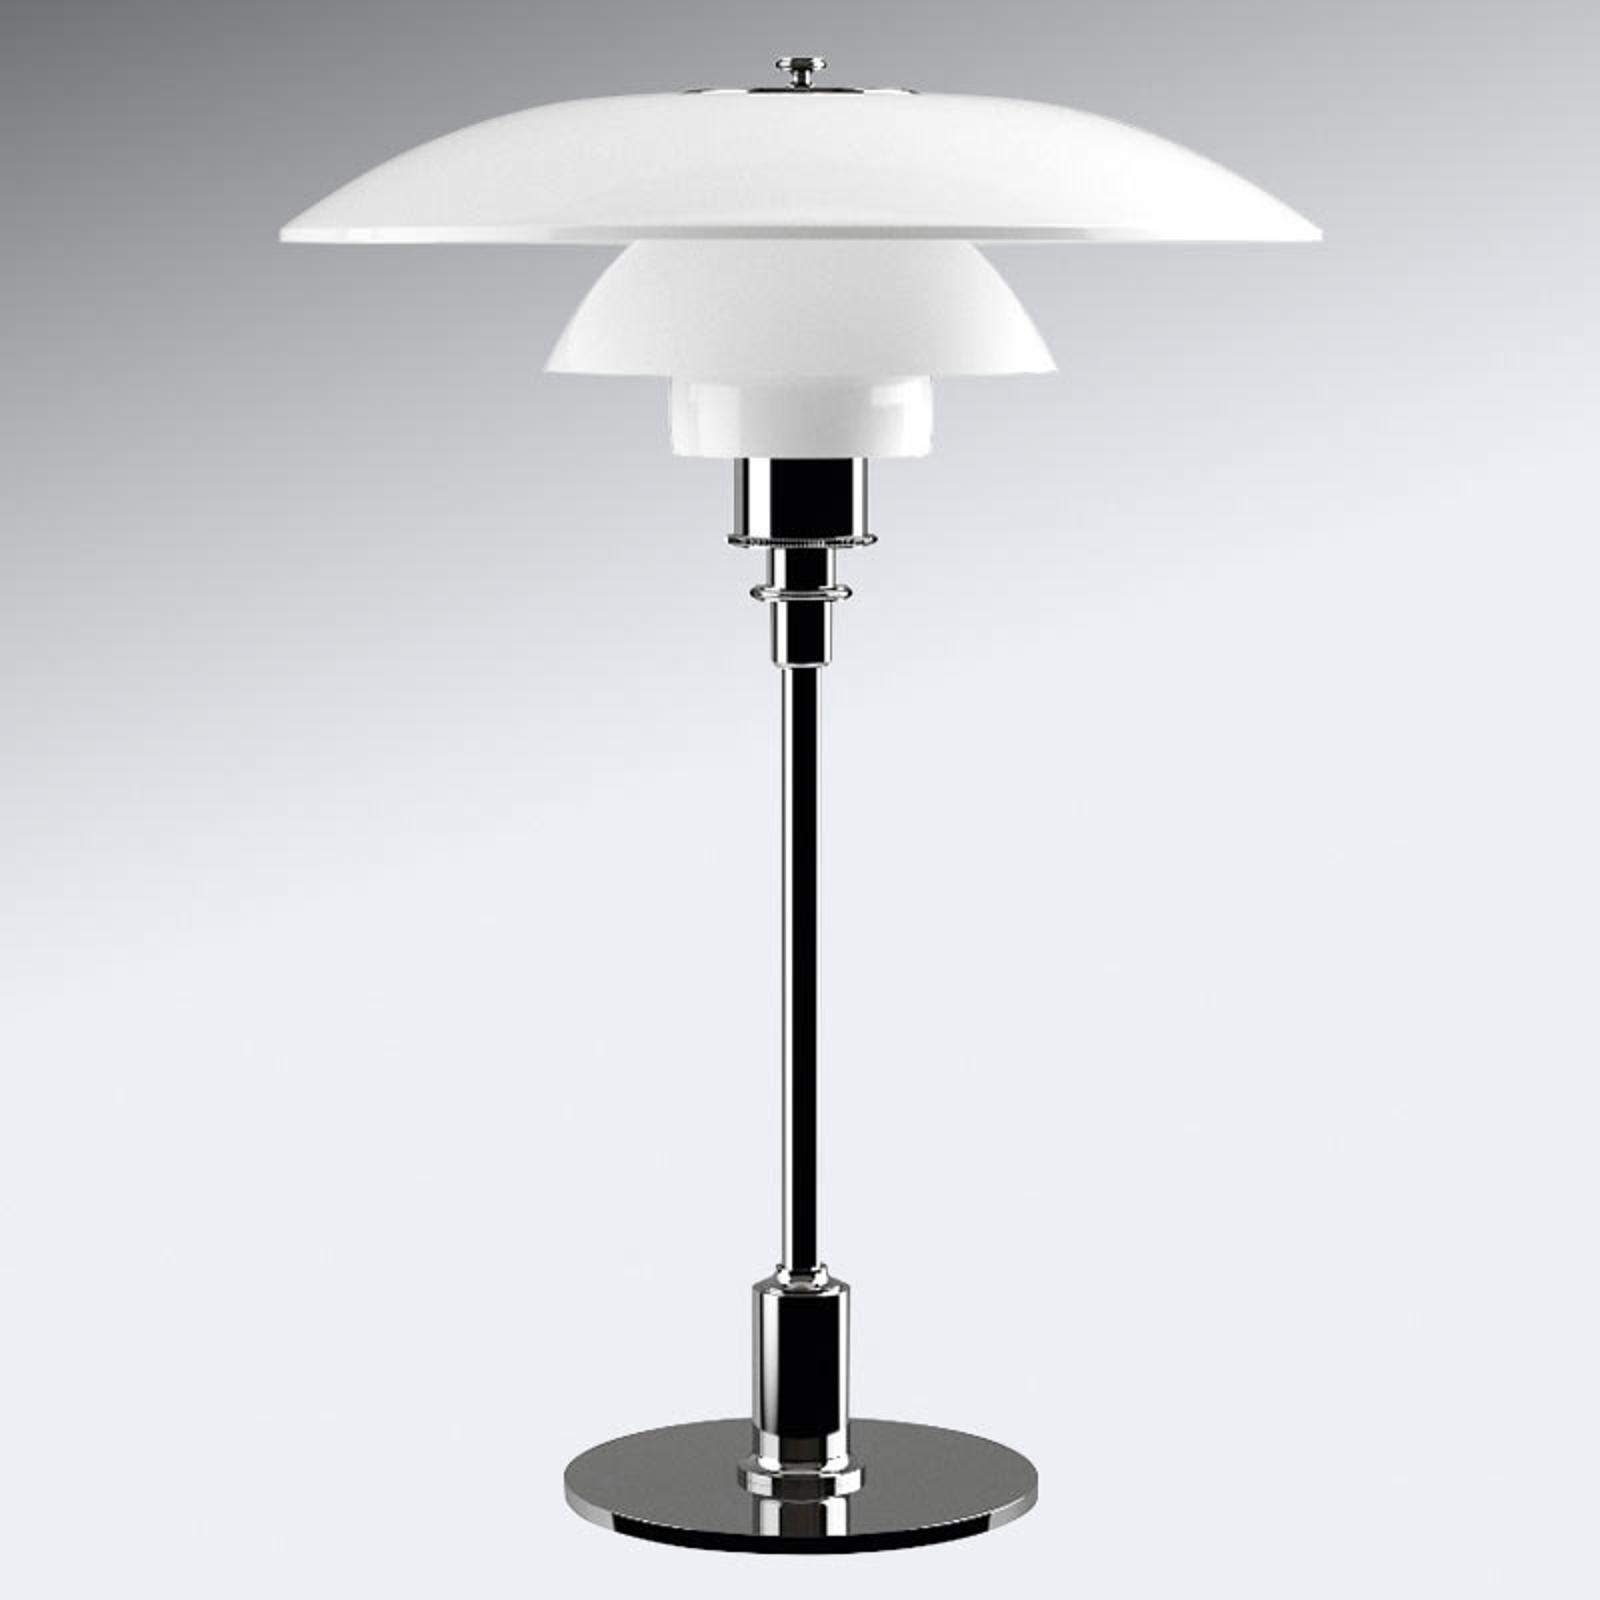 Louis Poulsen PH 3 1/2-2 1/2 Tischlampe chrom